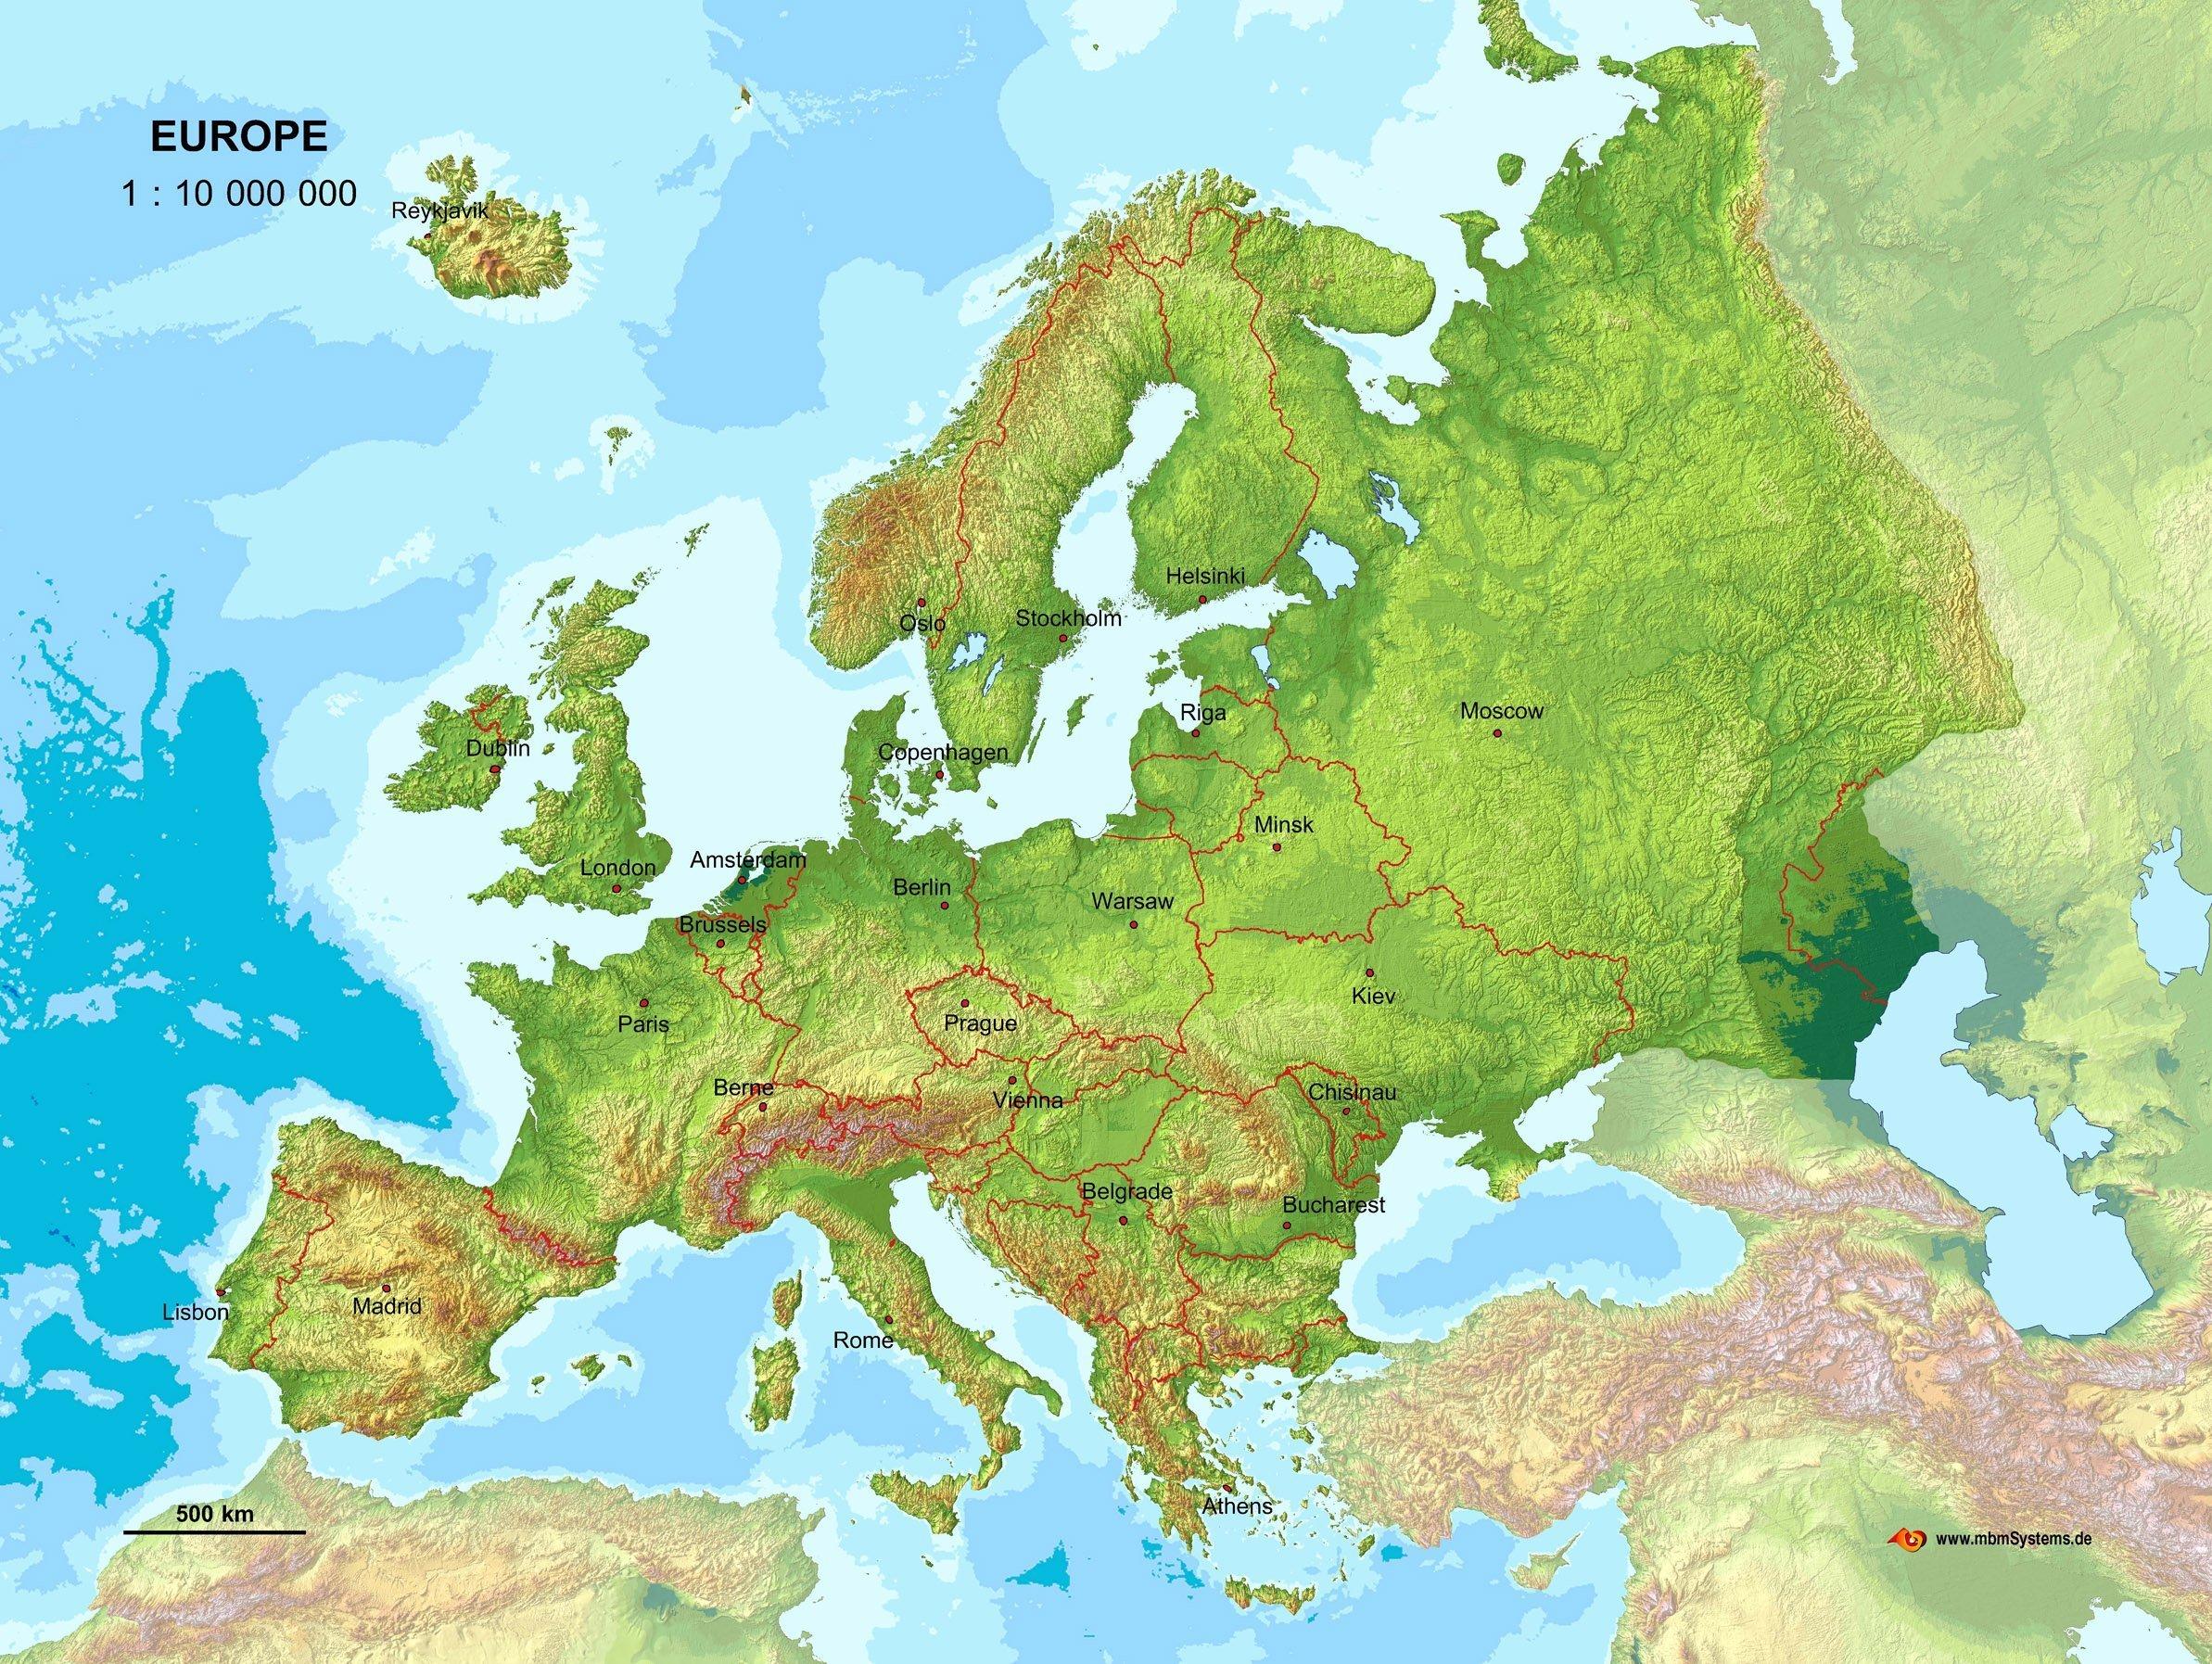 Karte Von Europa.Echt 3d Landkarte Europa Amazon De Mbmsystems Gmbh Bucher